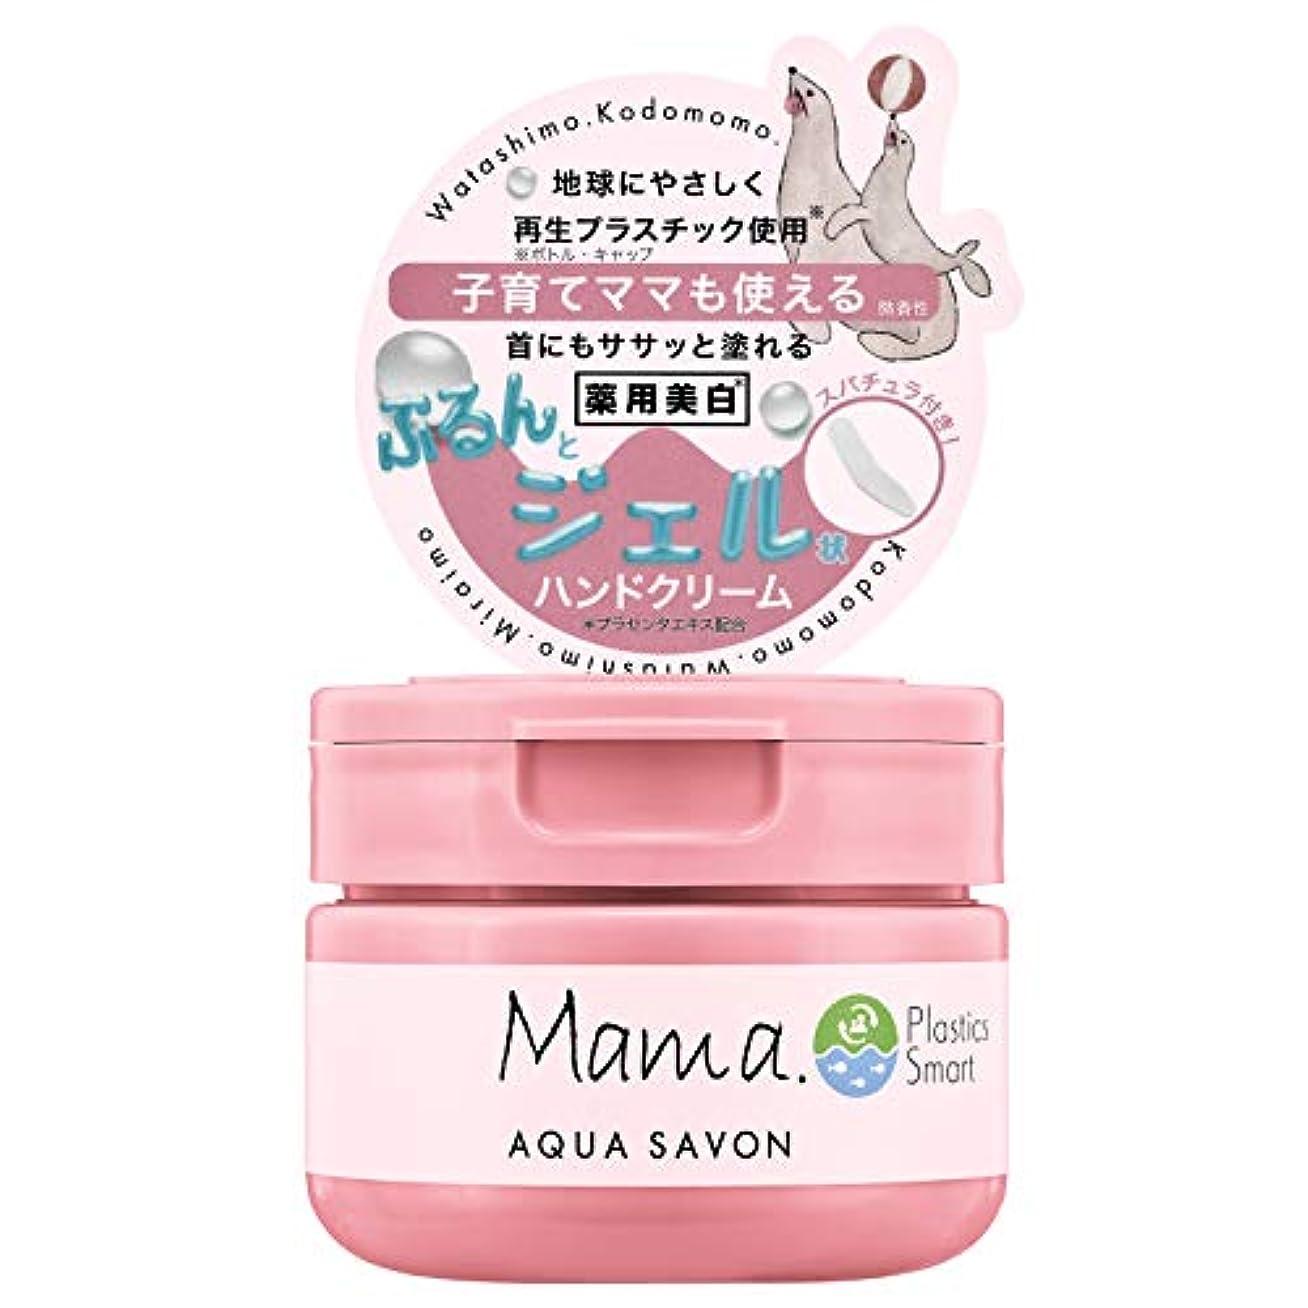 曇ったガチョウロードされたAQUA SAVON(アクアシャボン) ママアクアシャボン 薬用美白 ハンドクリーム フラワーアロマウォーターの香り 19A 80g